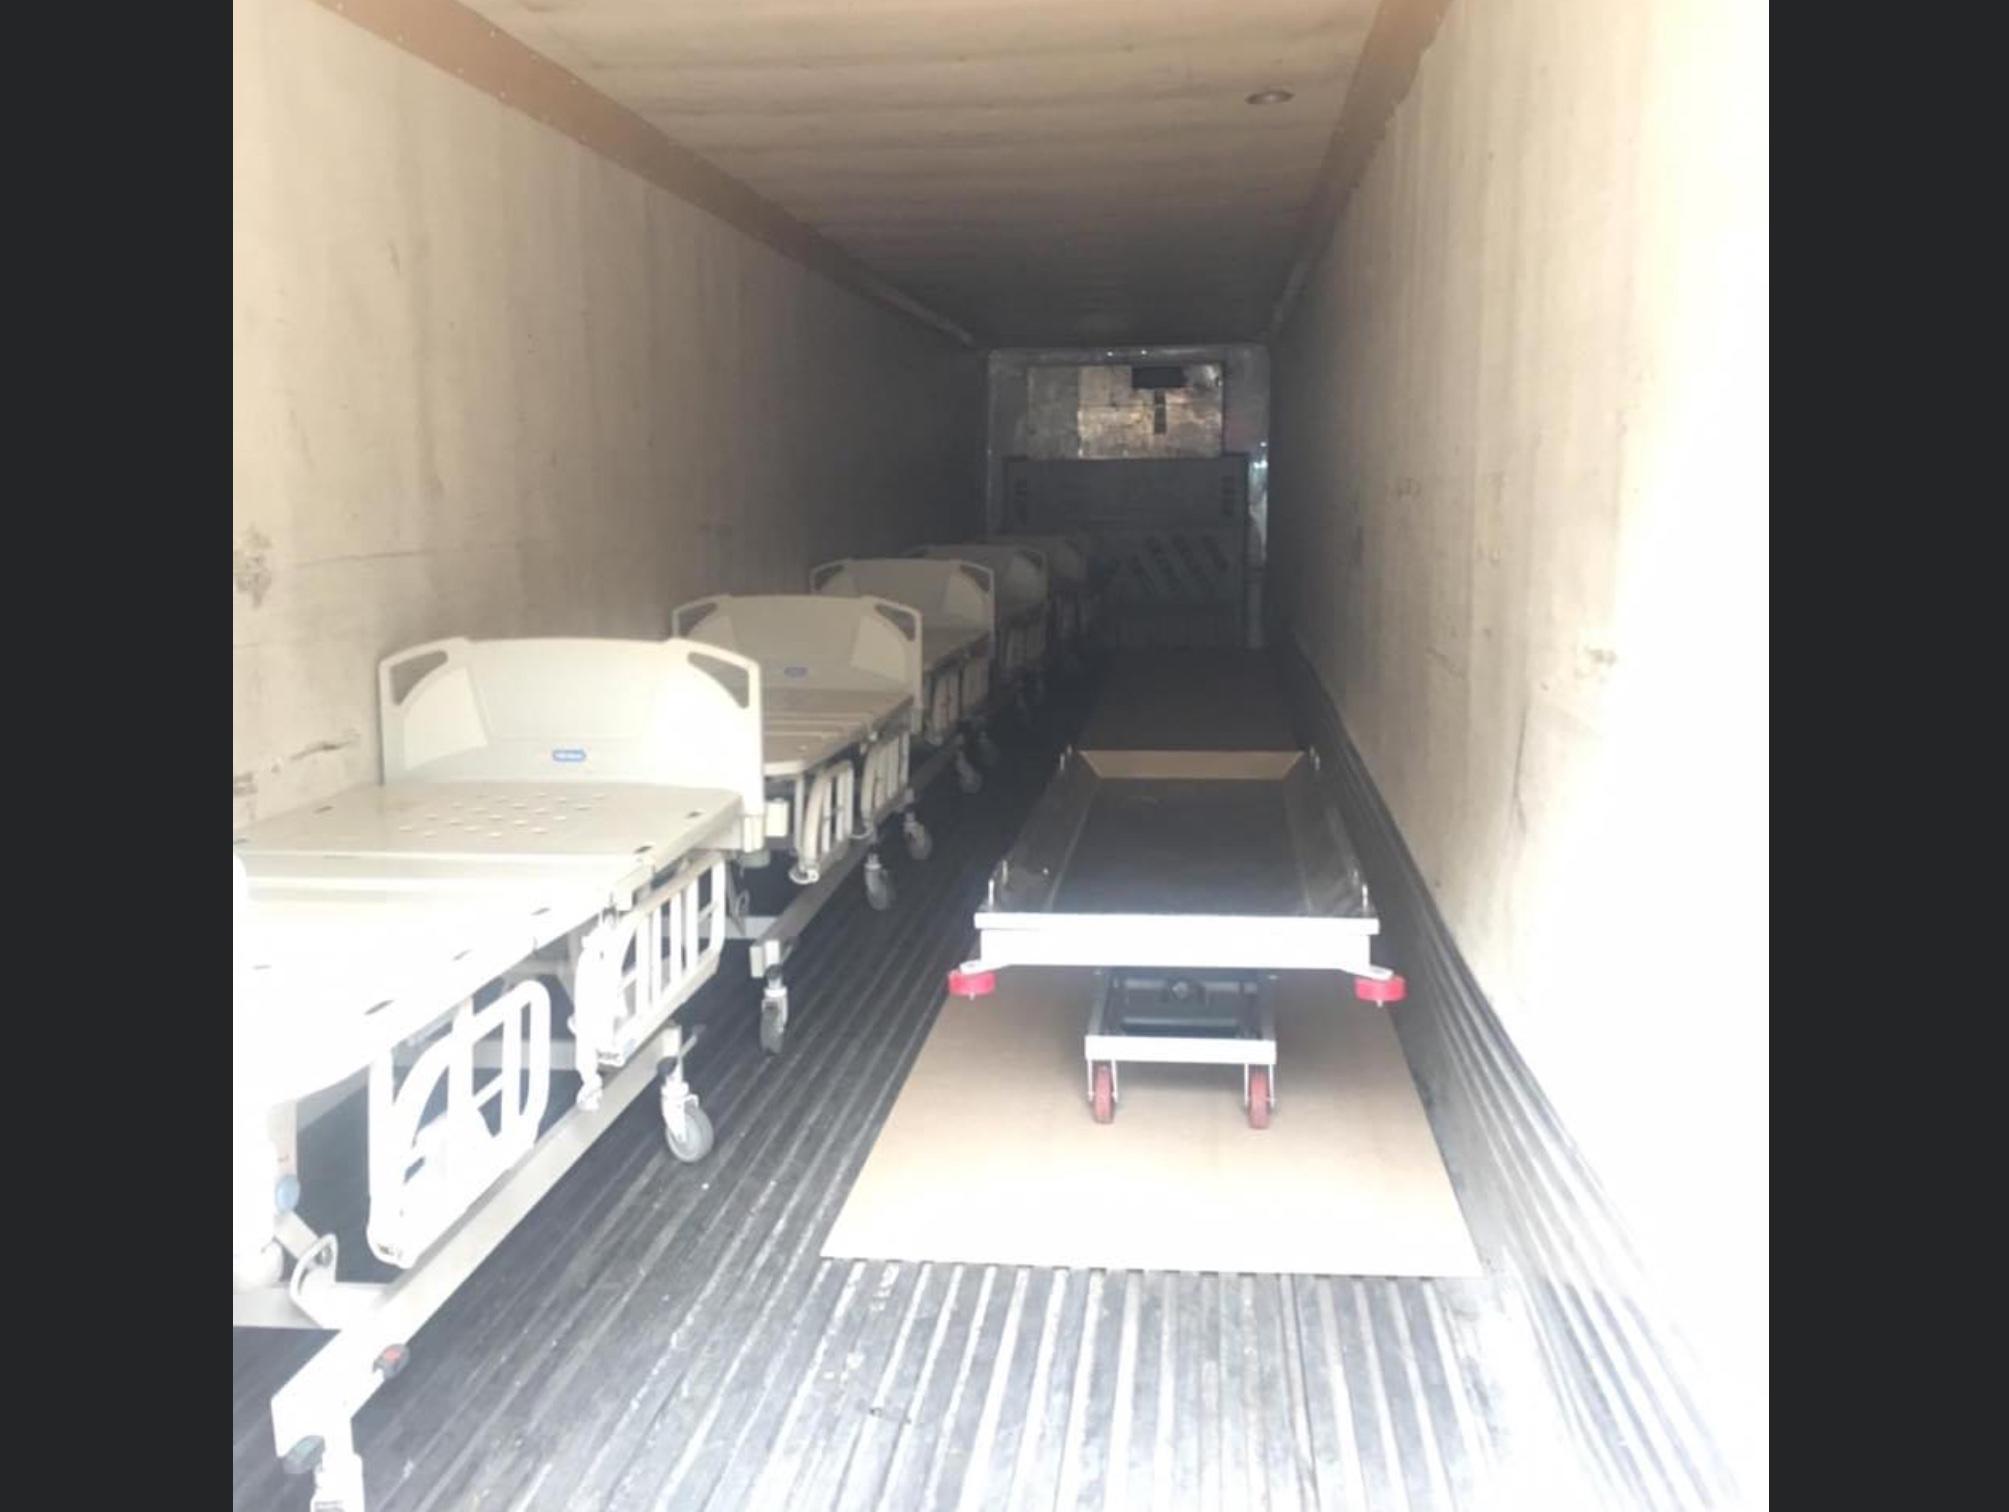 Van a tráileres frigoríficos fallecidos por COVID-19 en Edoméx